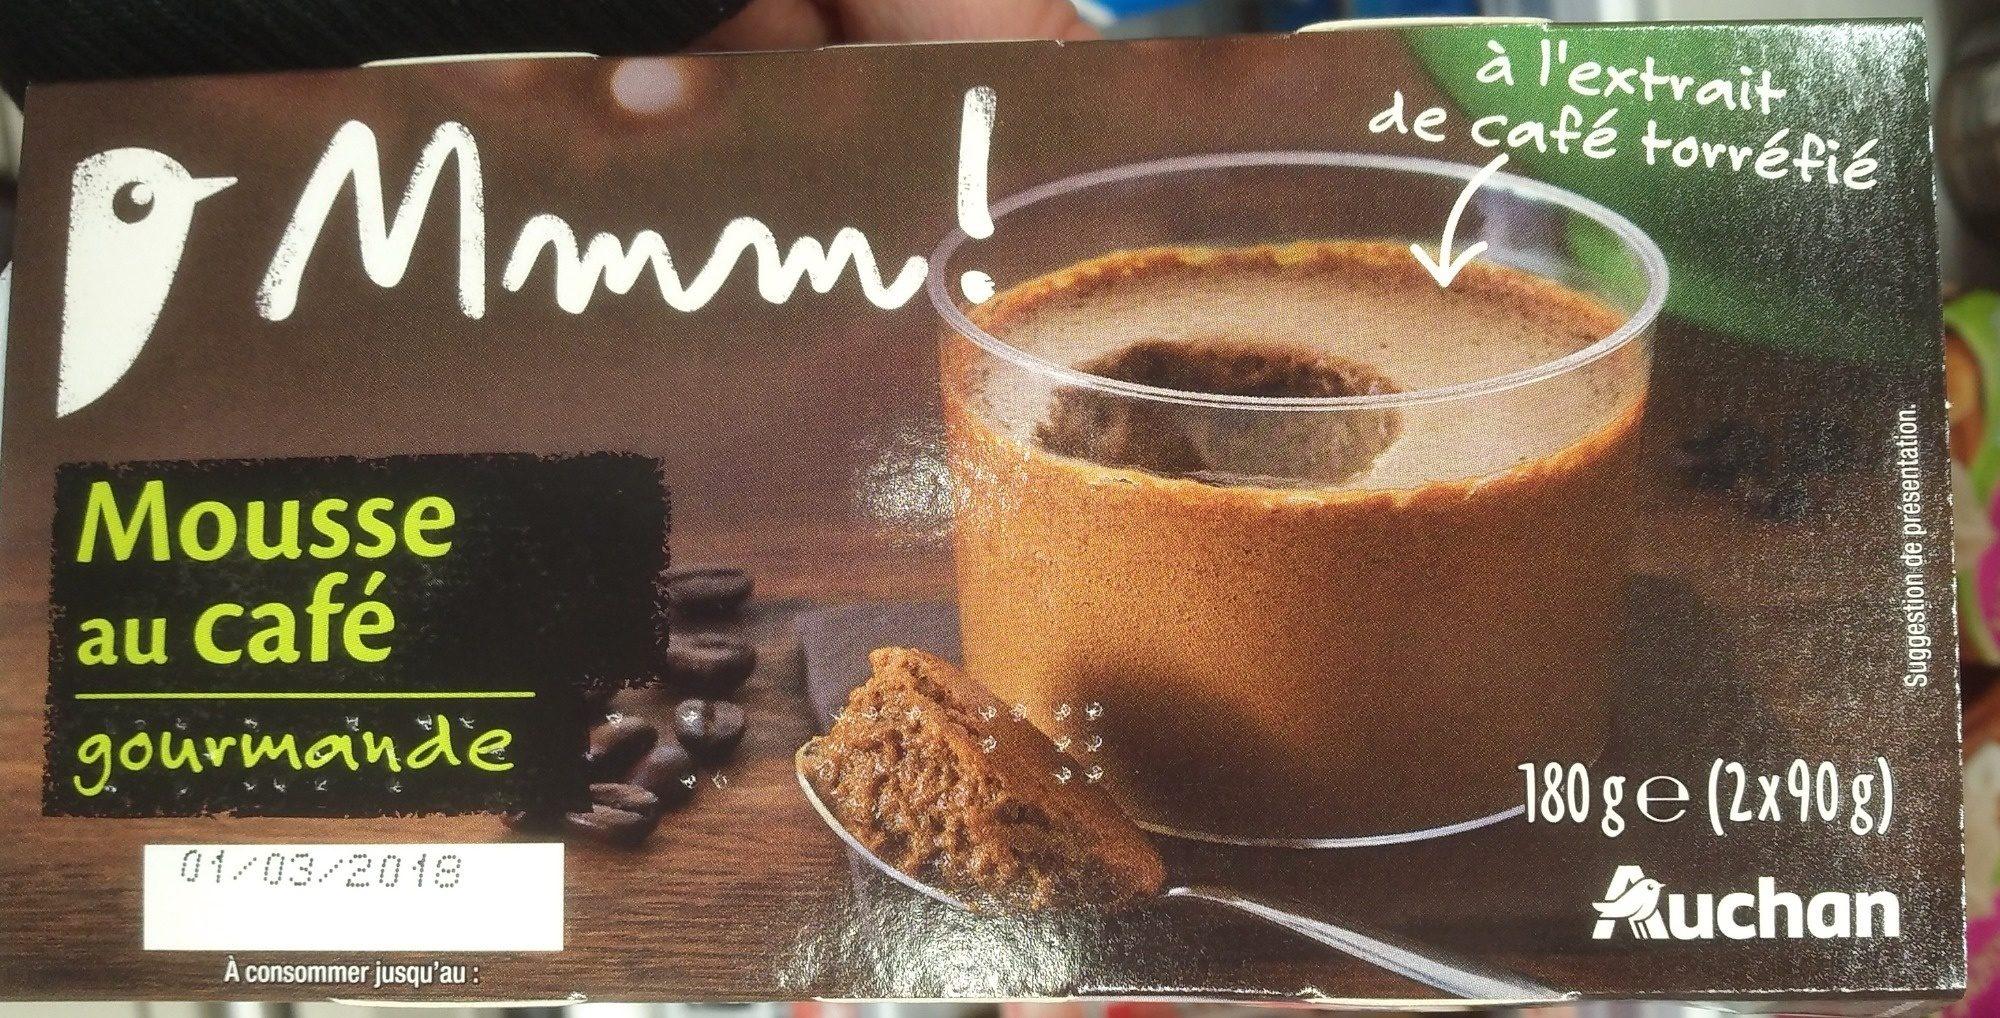 Mousse au café gourmande - Produit